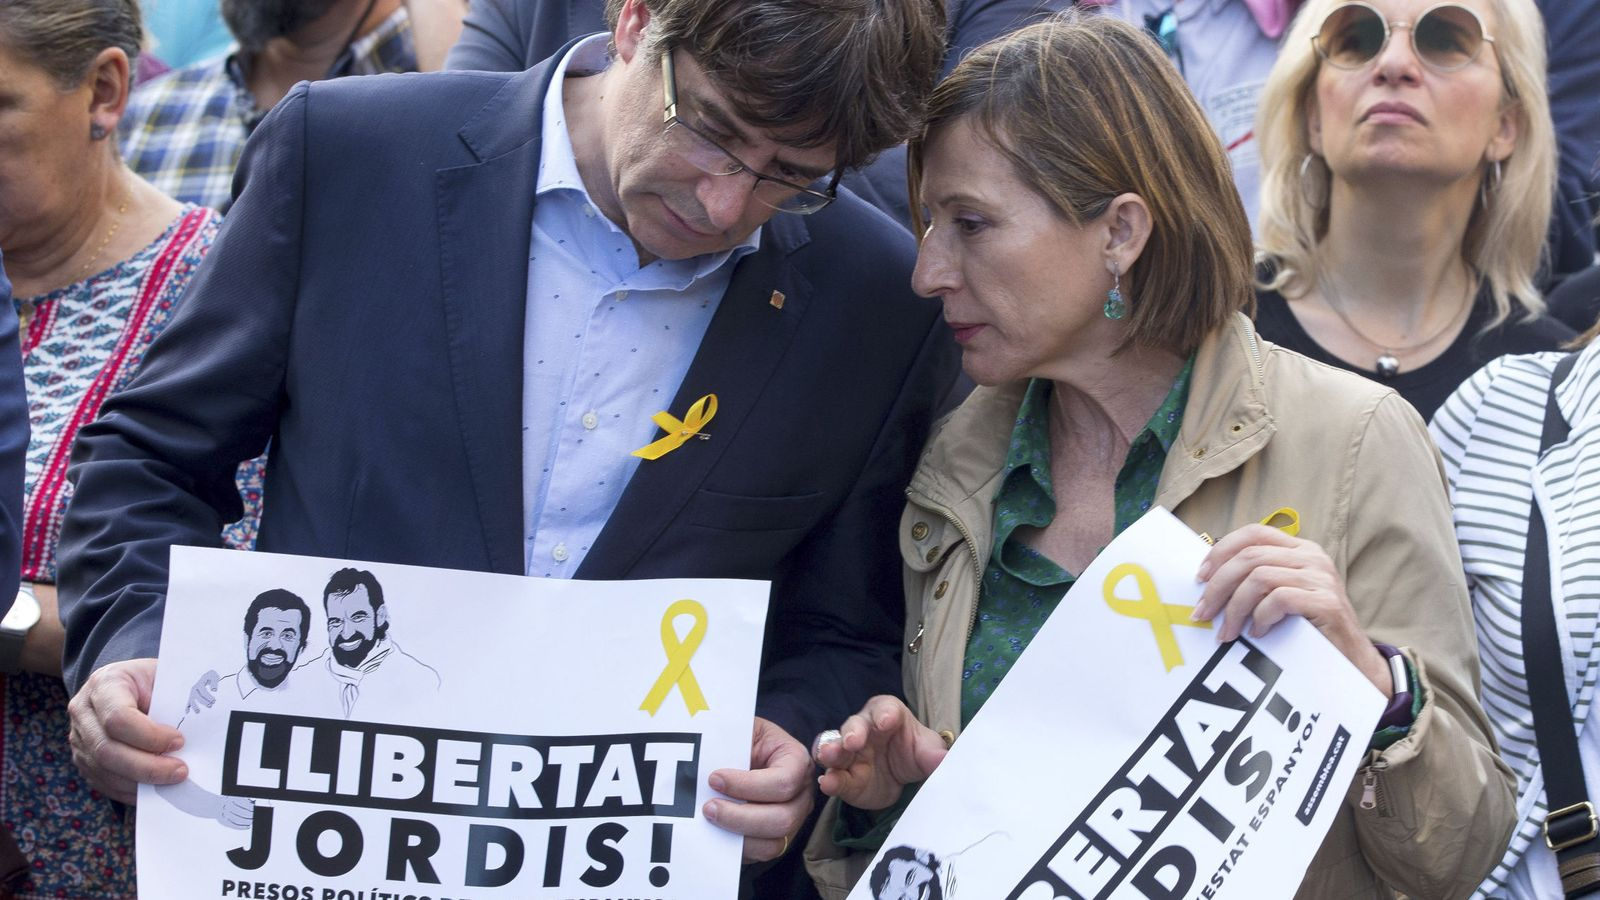 Foto:  El presidente de la Generalitat, Carles Puigdejavascript:;mont y la presidenta del parlament Camen Forcadell durante la manifestación del 21-O. (EFE)